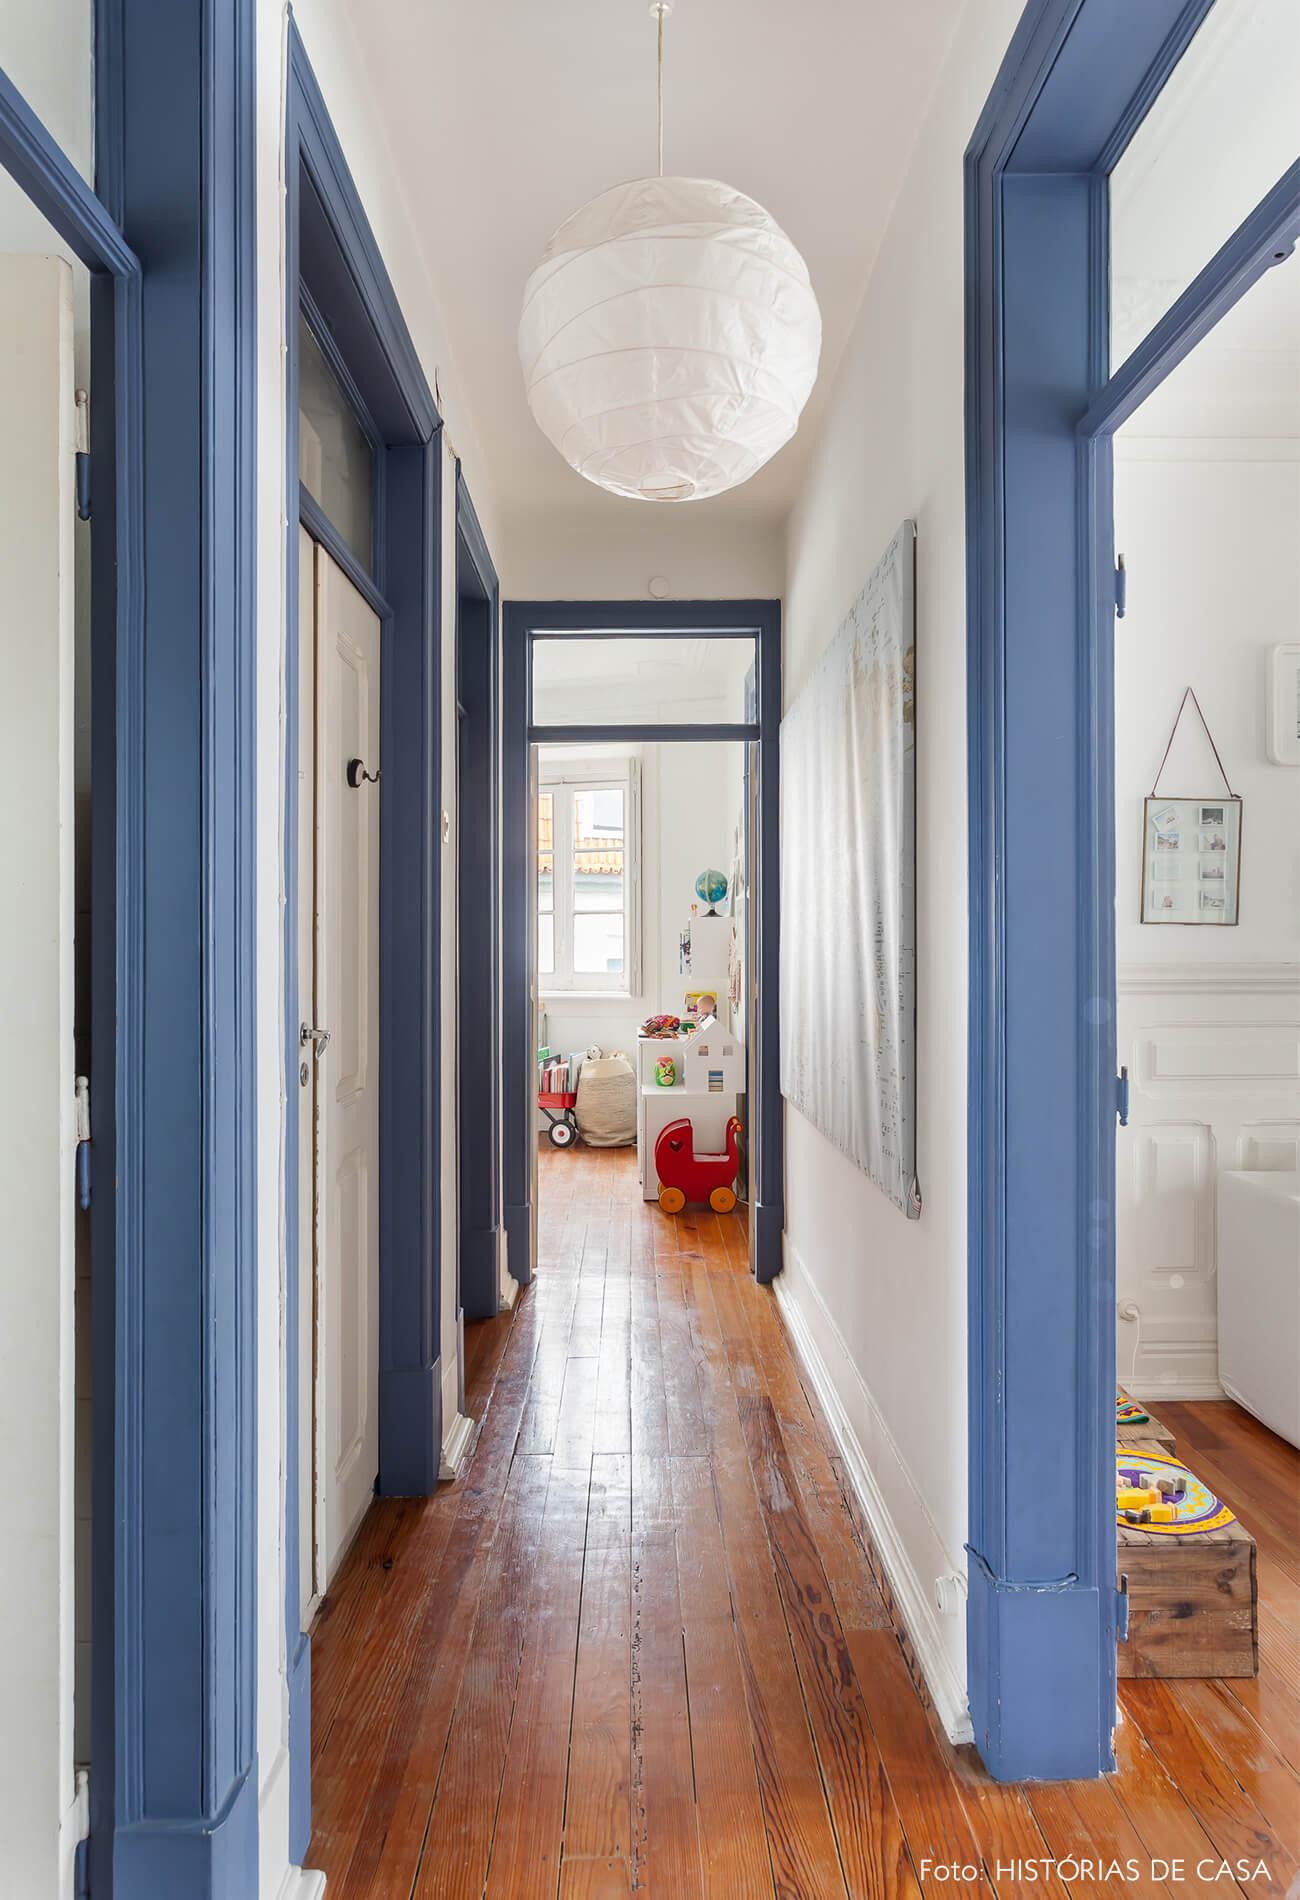 mariana-portugal-decoração-corredor-com-portas-azuis